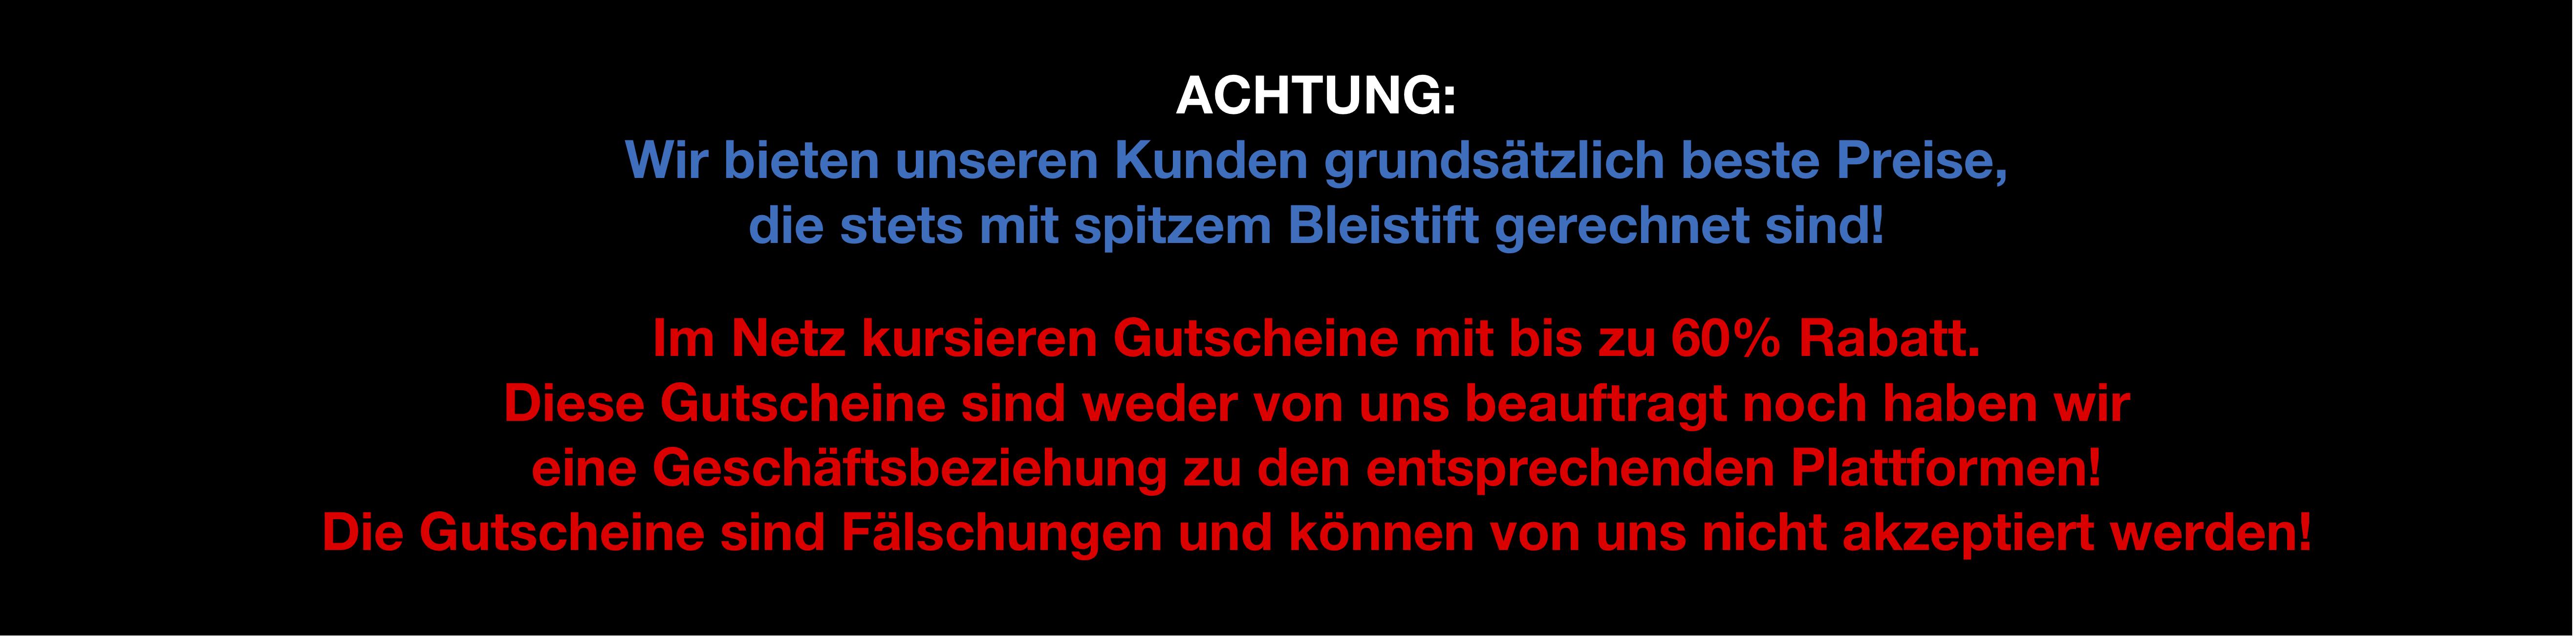 Banner Falsche Gutscheine